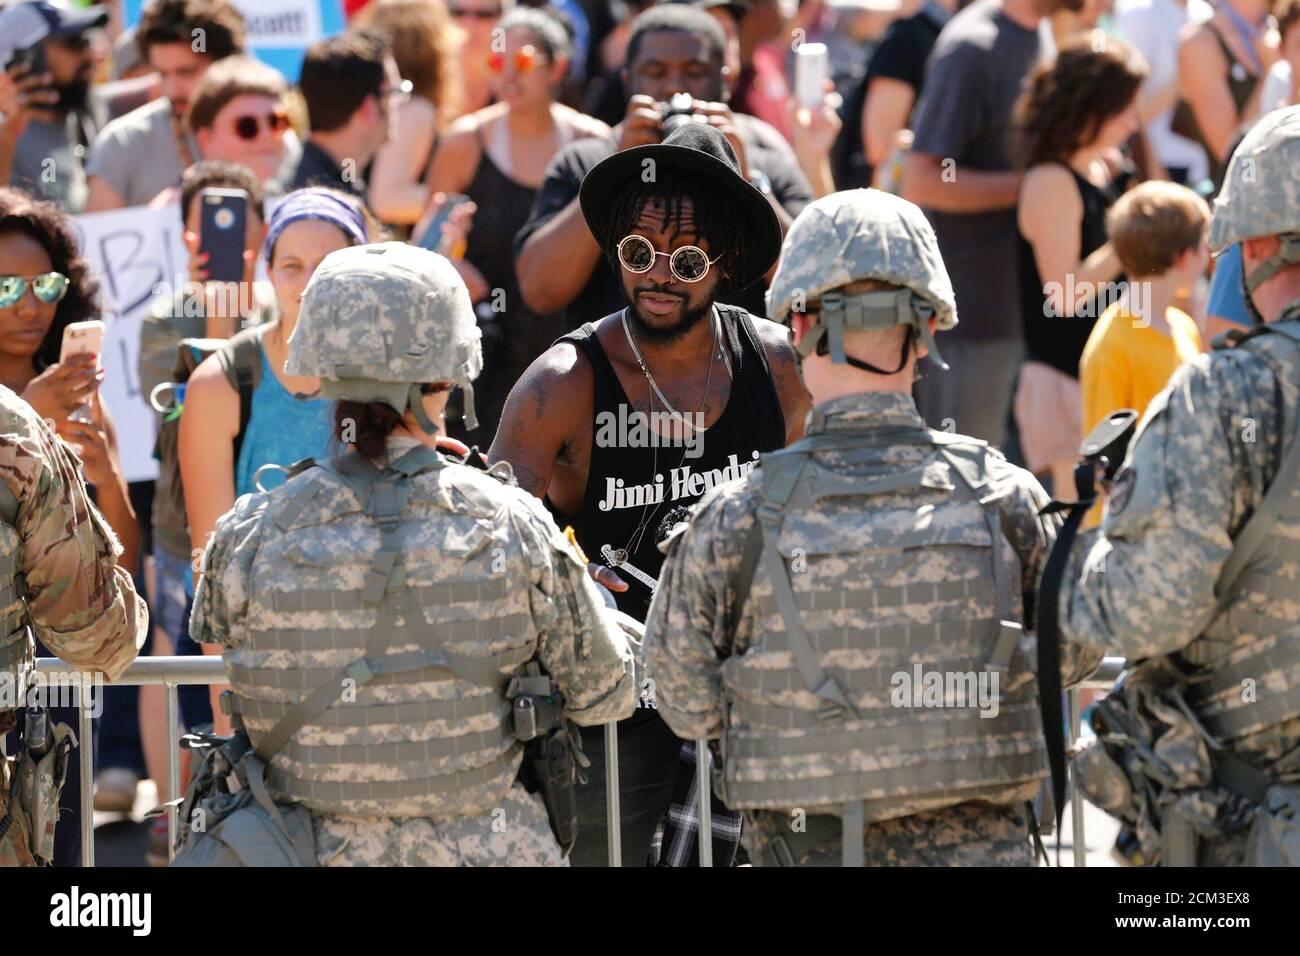 Demonstranten besuchen einen Marsch für die Polizei Aufnahmen von Keith Scott, in Charlotte, North Carolina, USA, 24. September 2016 zu protestieren. REUTERS/Jason Miczek TPX Bilder des Tages Stockfoto